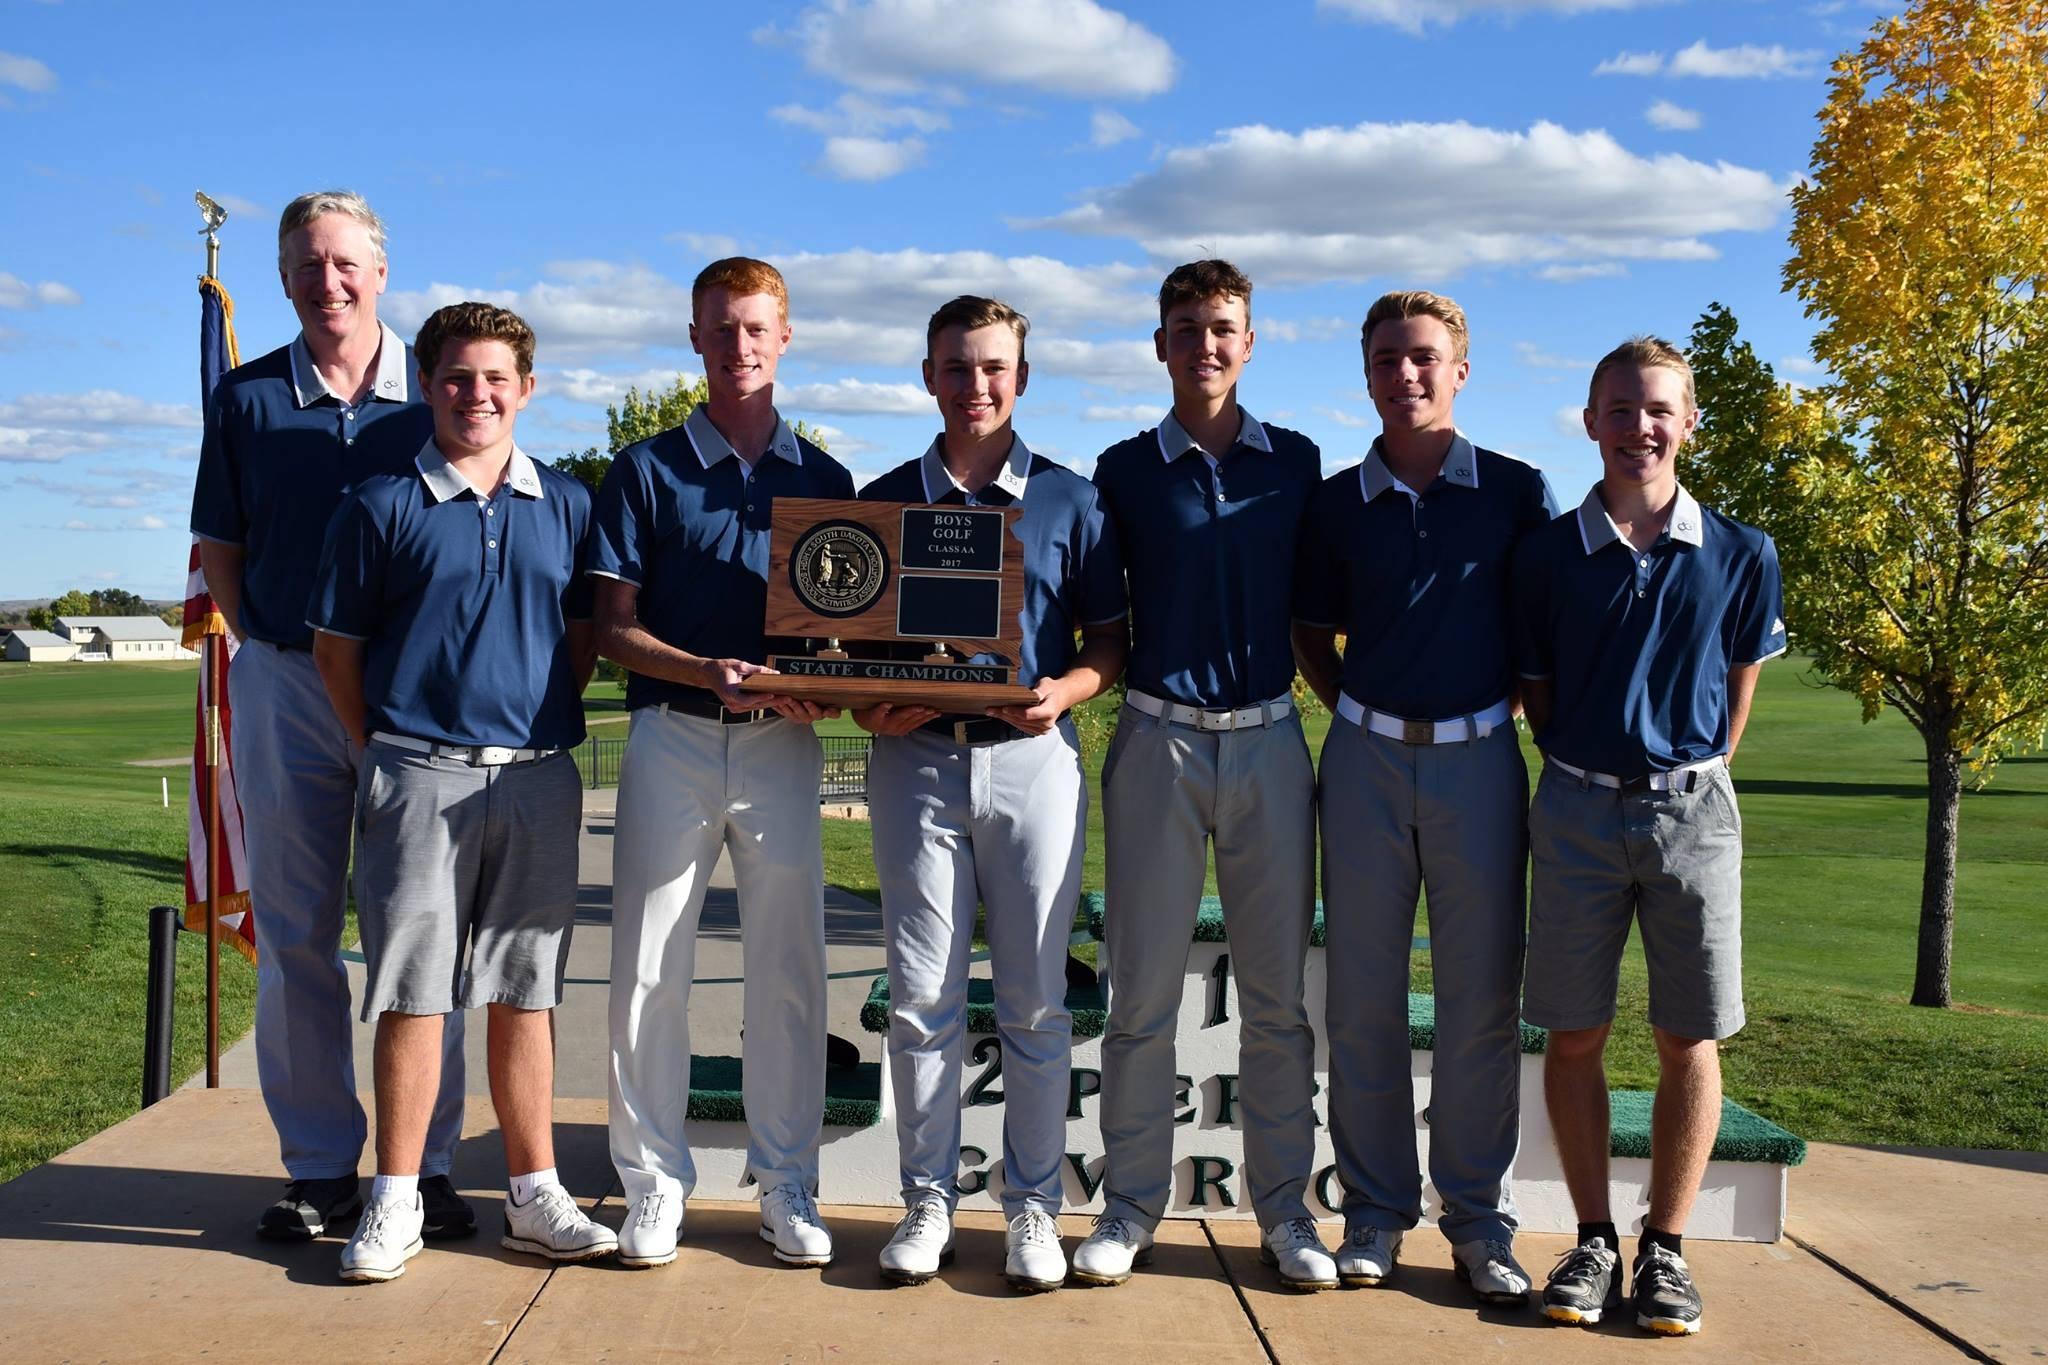 Sioux Falls O'Gorman boys golf team